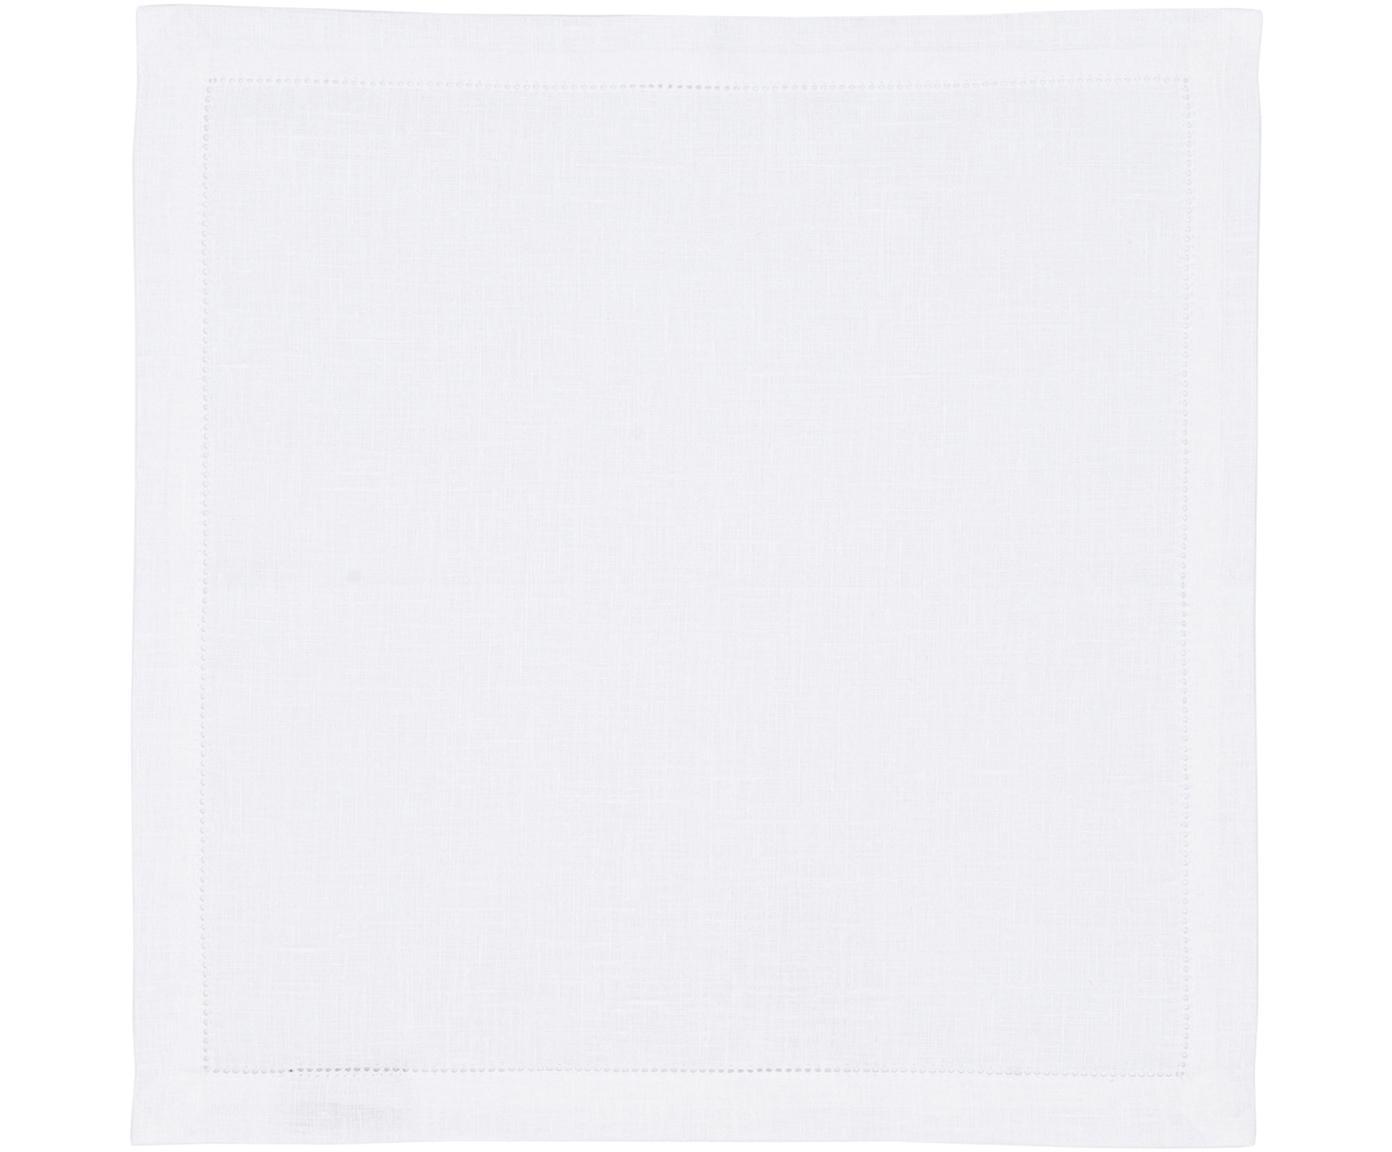 Leinen-Servietten Alanta mit Hohlsaum, 6 Stück, Schneeweiss, 42 x 42 cm